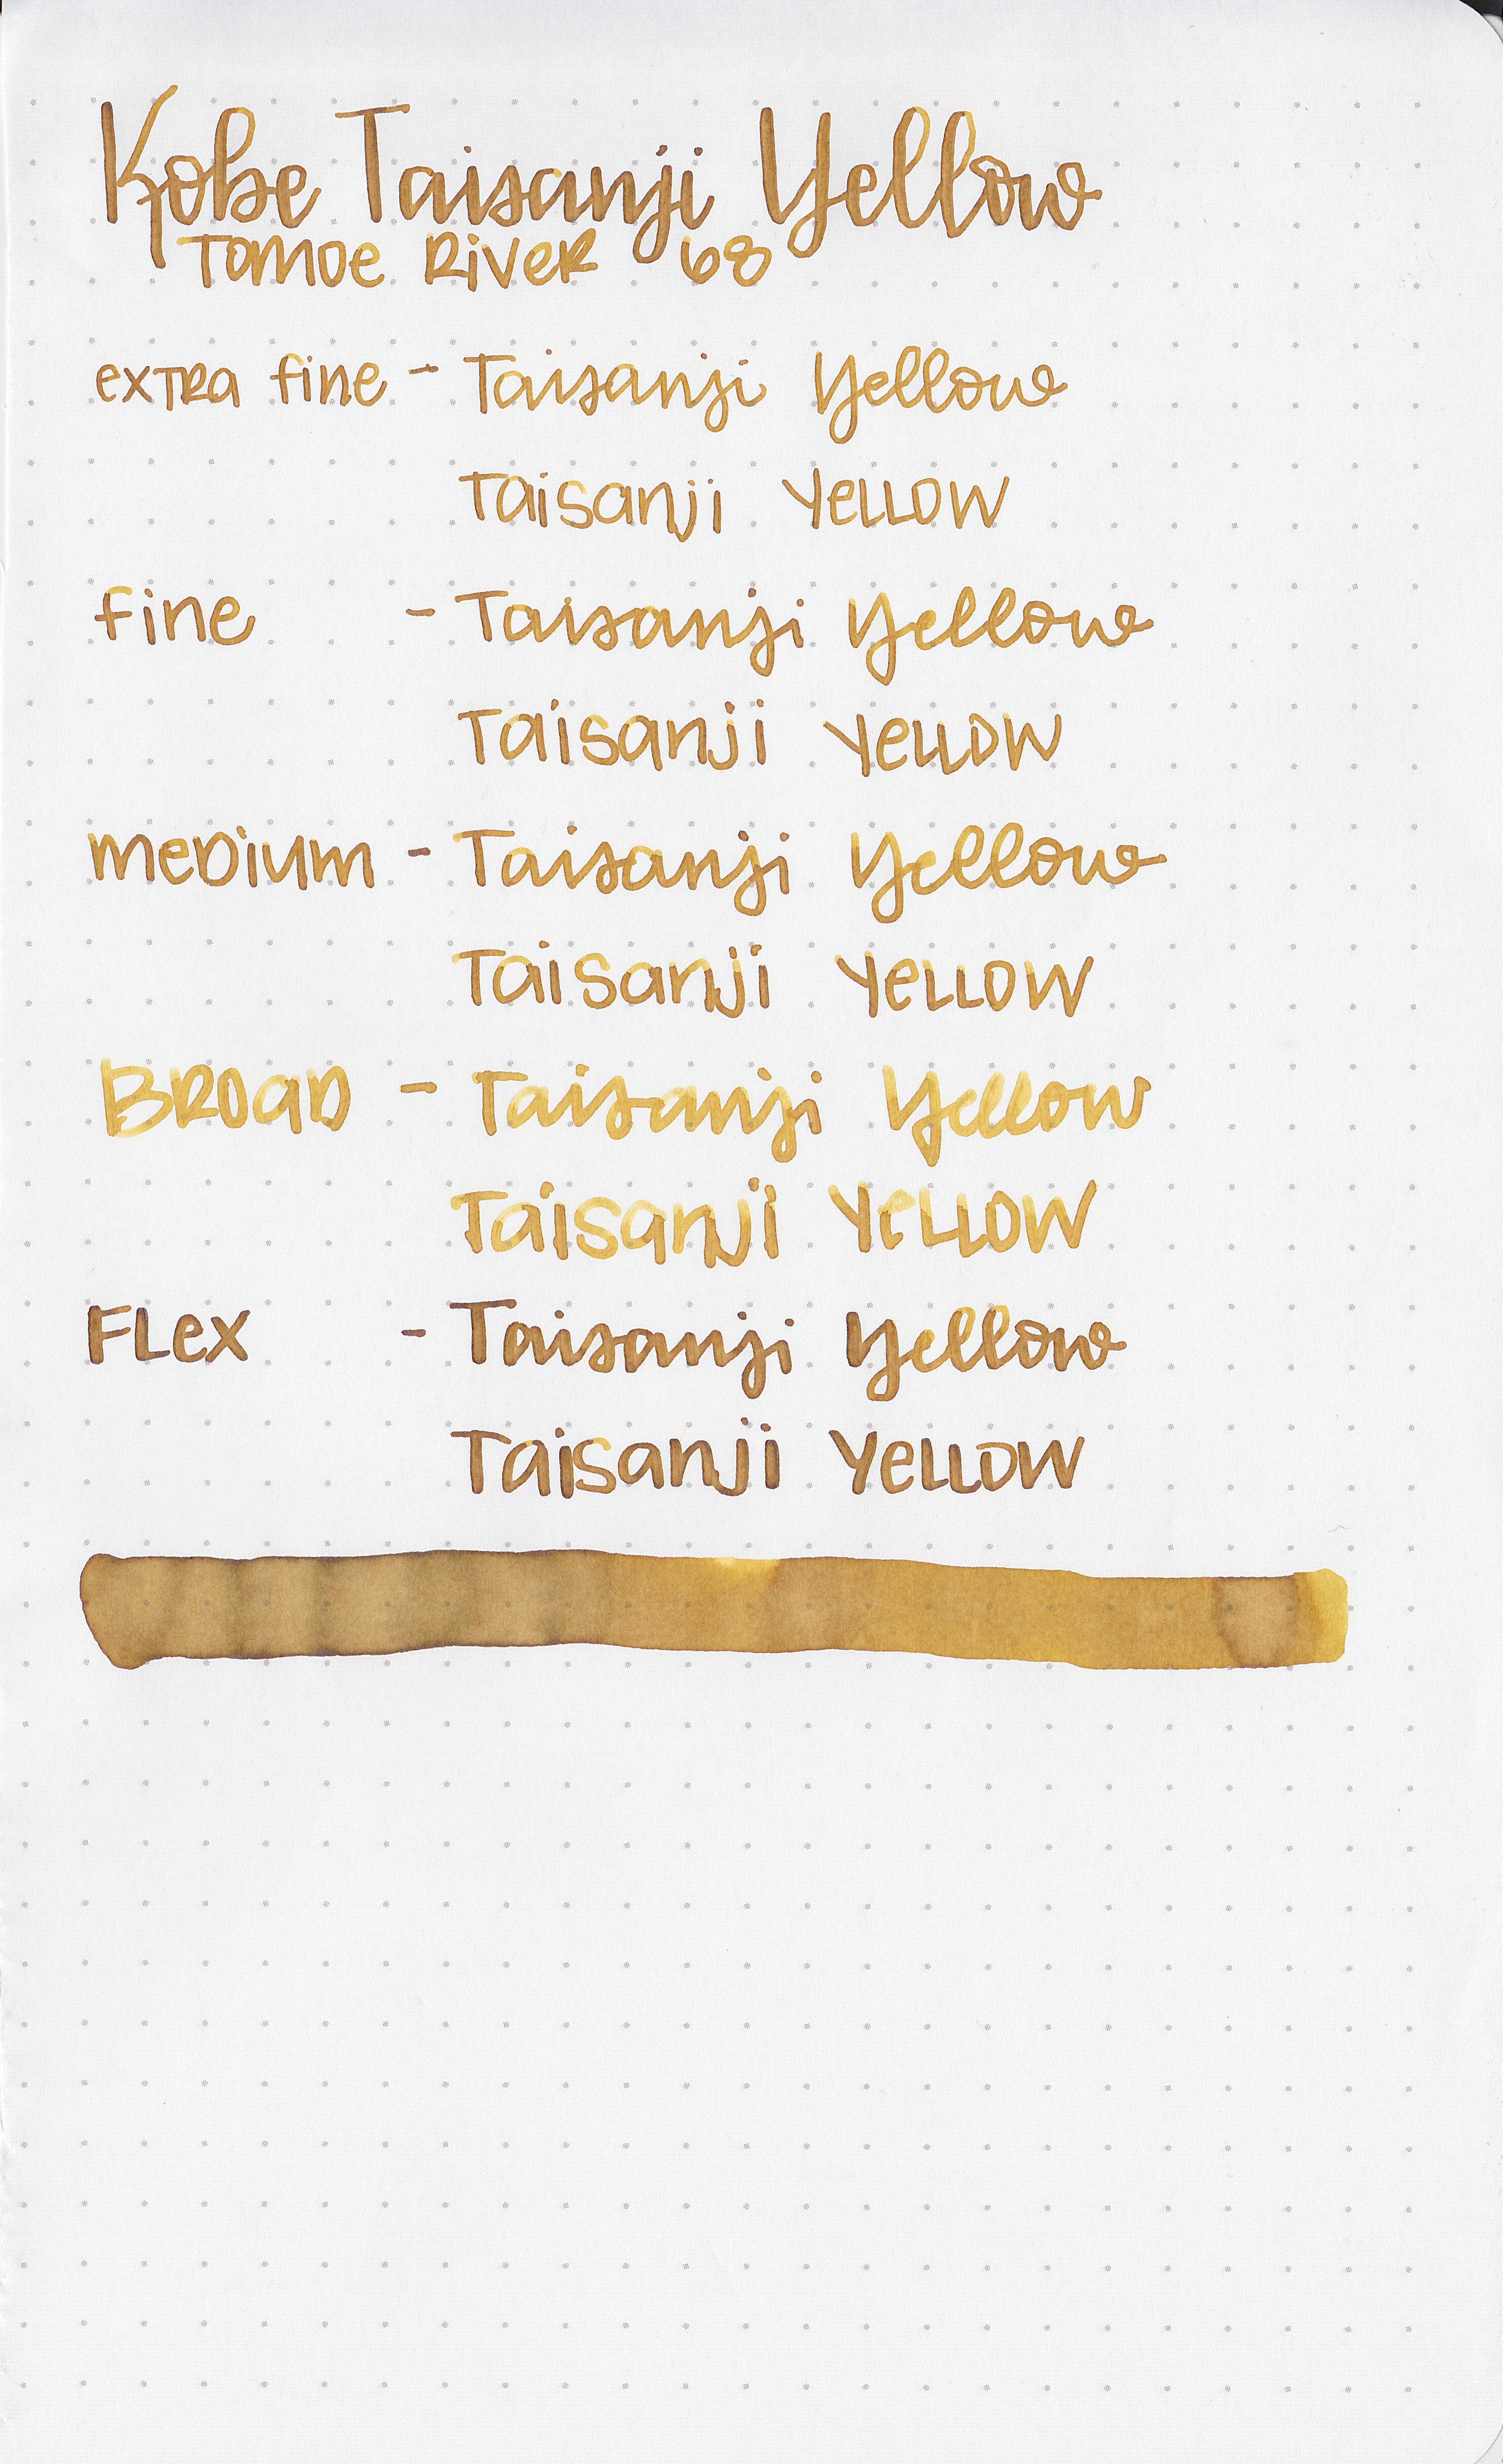 nk-taisanji-yellow-7.jpg